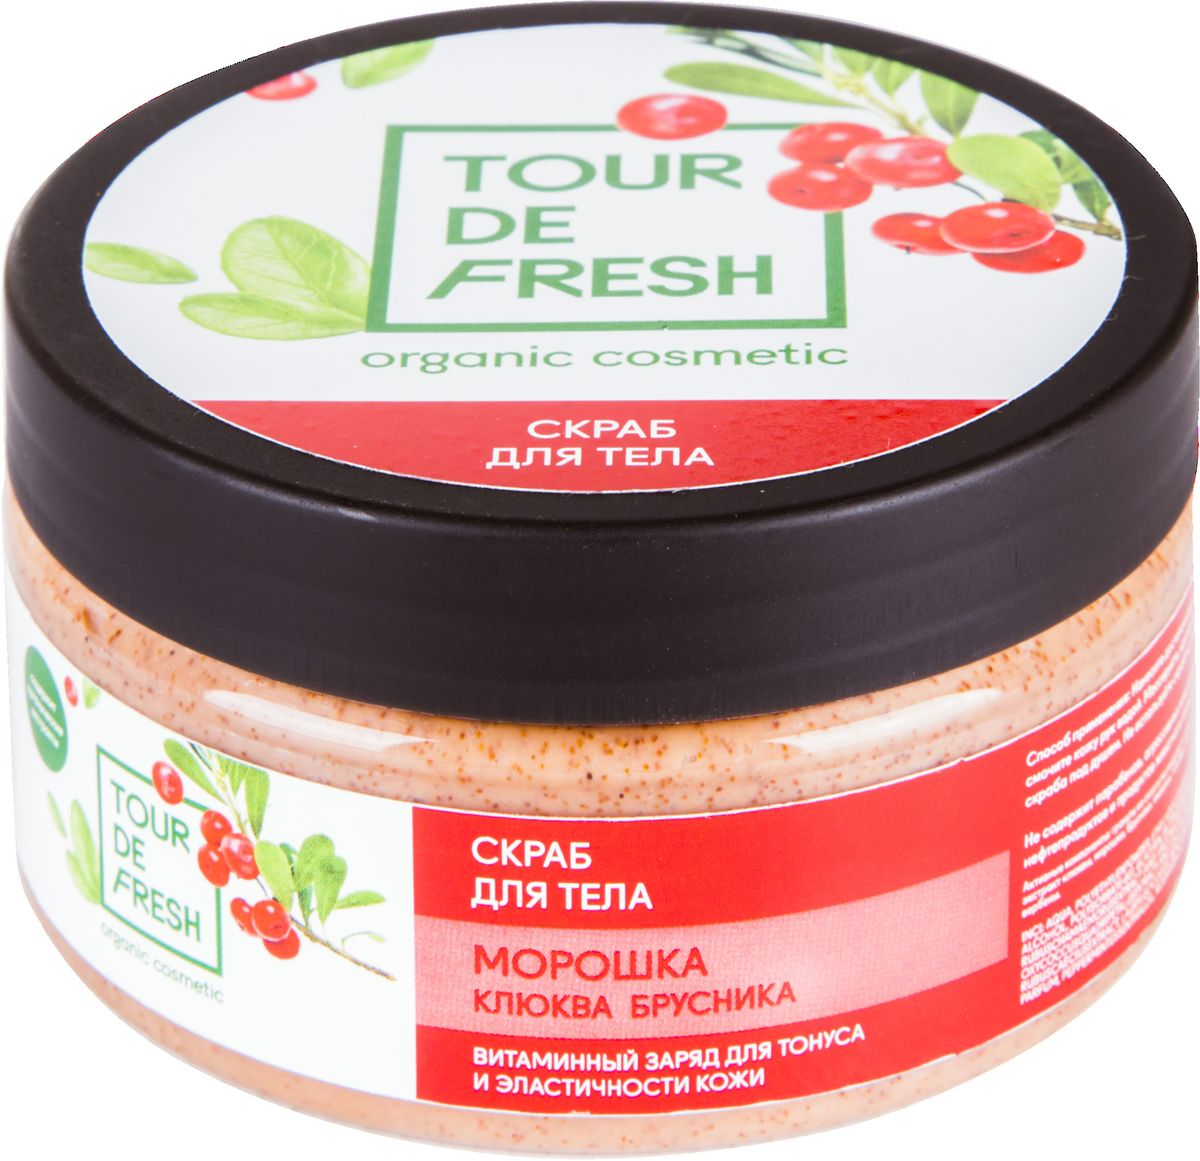 Tour De Fresh Скраб для тела Клюква, морошка и брусника, 200 млУФ000000351Скраб для тела Клюква-морошка-брусника - универсальный витаминный заряд для кожи. Мягкие отшелушивающие частицы на основе розовой глины и скорлупы кедрового ореха эффективно удаляют омертвевшие клетки, не царапая и не раздражая кожу. Клюква насыщает кожу питательными веществами и улучшает внешний вид кожи. Морошка способствует защите чувствительной кожи от неблагоприятного воздействия ультрафиолетового излучения. Экстракт брусники тонизирует кожу, стимулируя клеточный метаболизм, благодаря этому кожа становится гладкой и шелковистой.Мы хотим дать нашим покупателям простую и понятную натуральную косметику. Мы верим, что полезные свойства фруктов и растений лучше всего раскрываются, когда они не смешаны, а представлены в чистом виде. Именно поэтому каждое средство Tour De Fresh создано на основе двух-трёх ключевых ингредиентов, эффективность которых очевидна. Натуральный аромат косметики Tour De Fresh не оставляет сомнений в её природном происхождении и дарит незабываемое удовольствие при использовании.